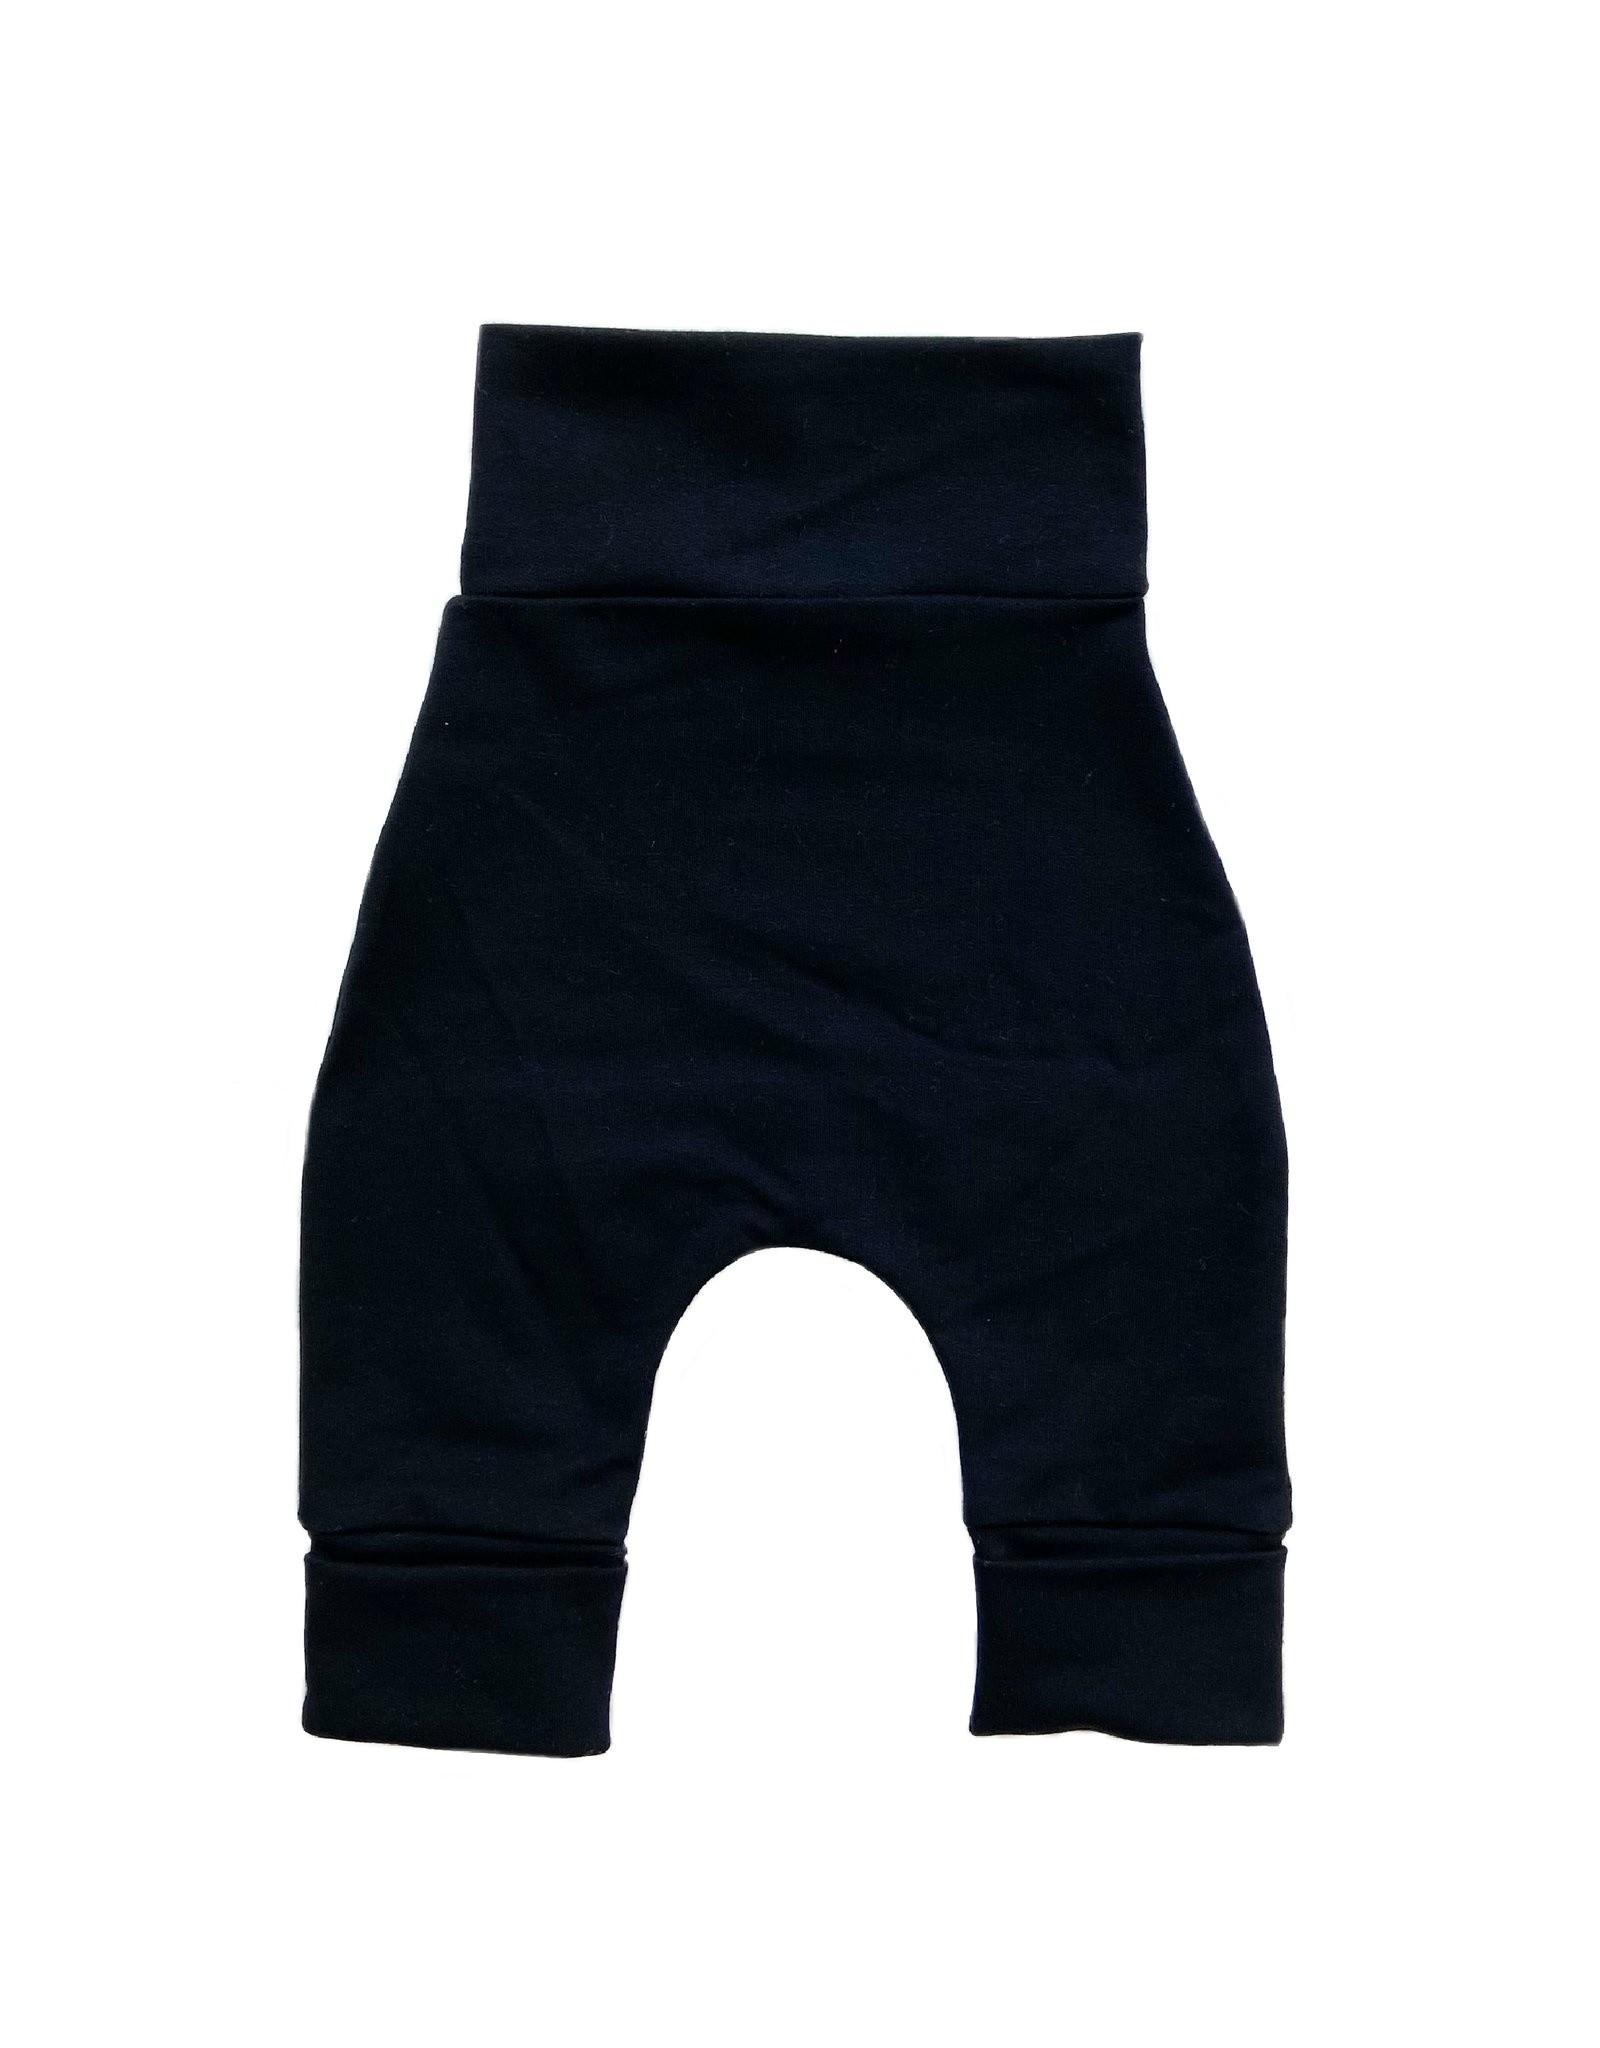 Bajoue Bajoue, Pantalon Evolutif, Noir